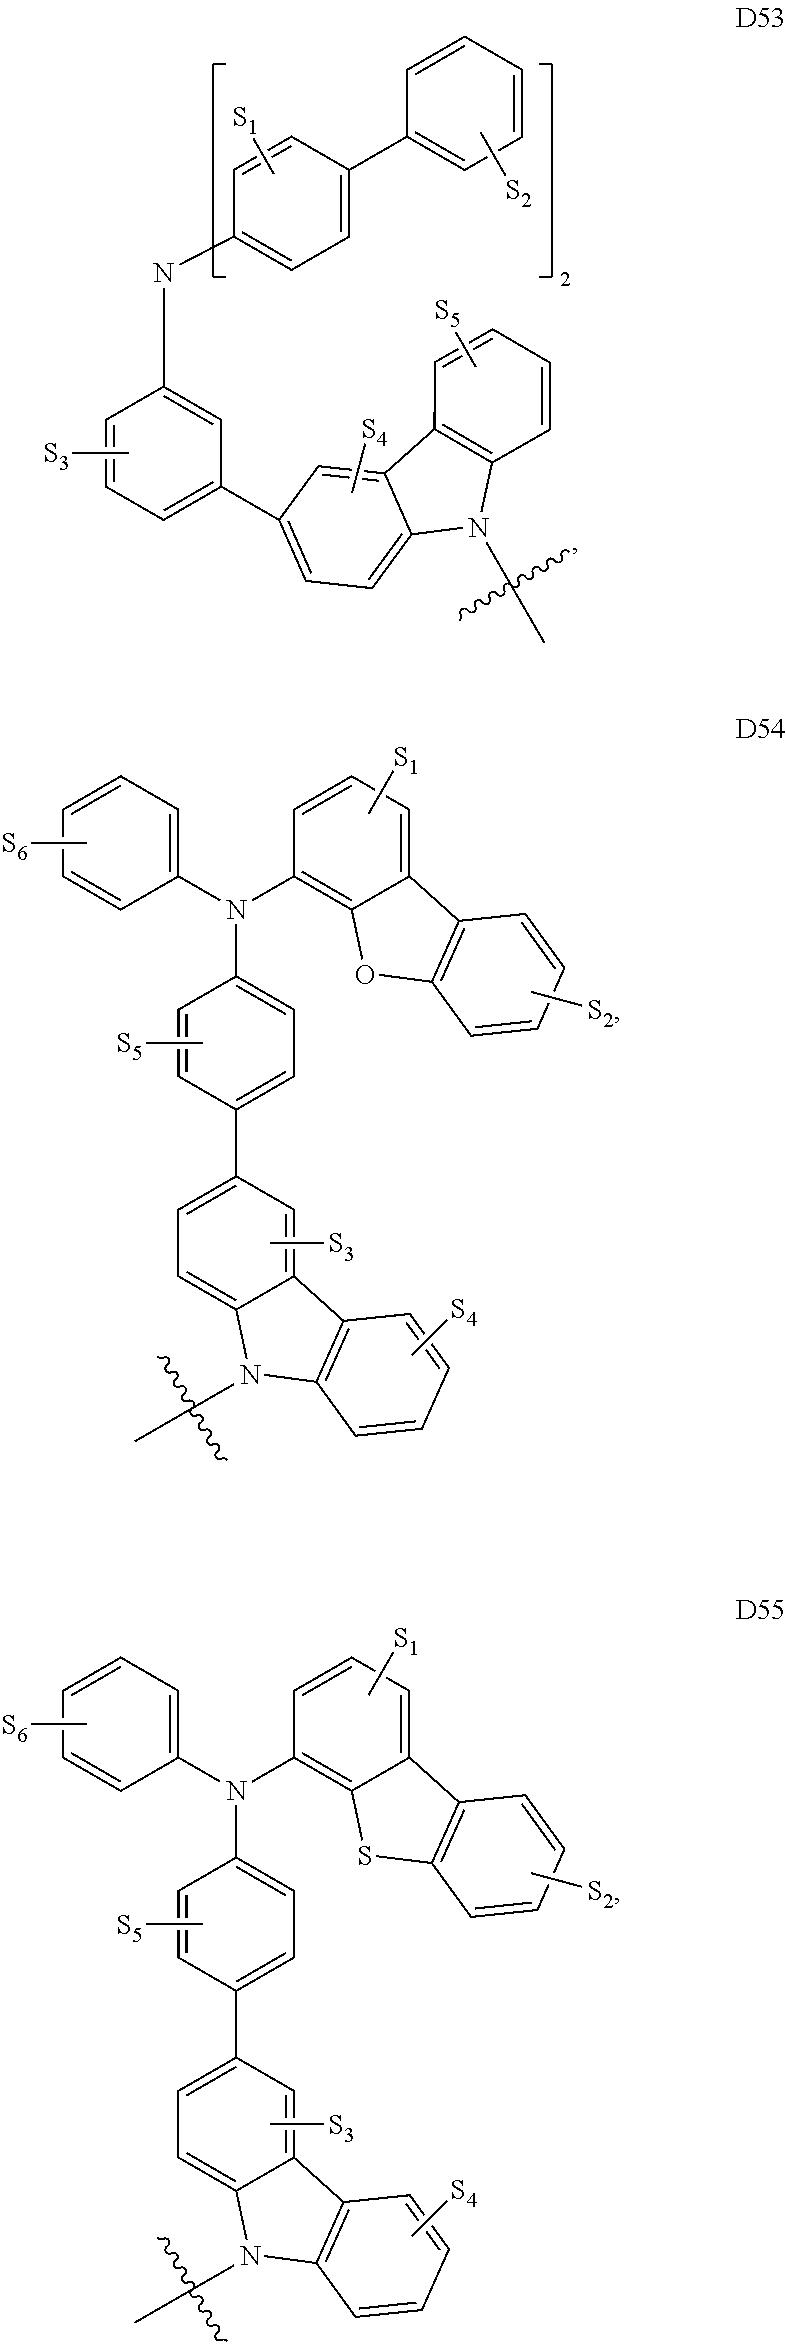 Figure US09537106-20170103-C00025